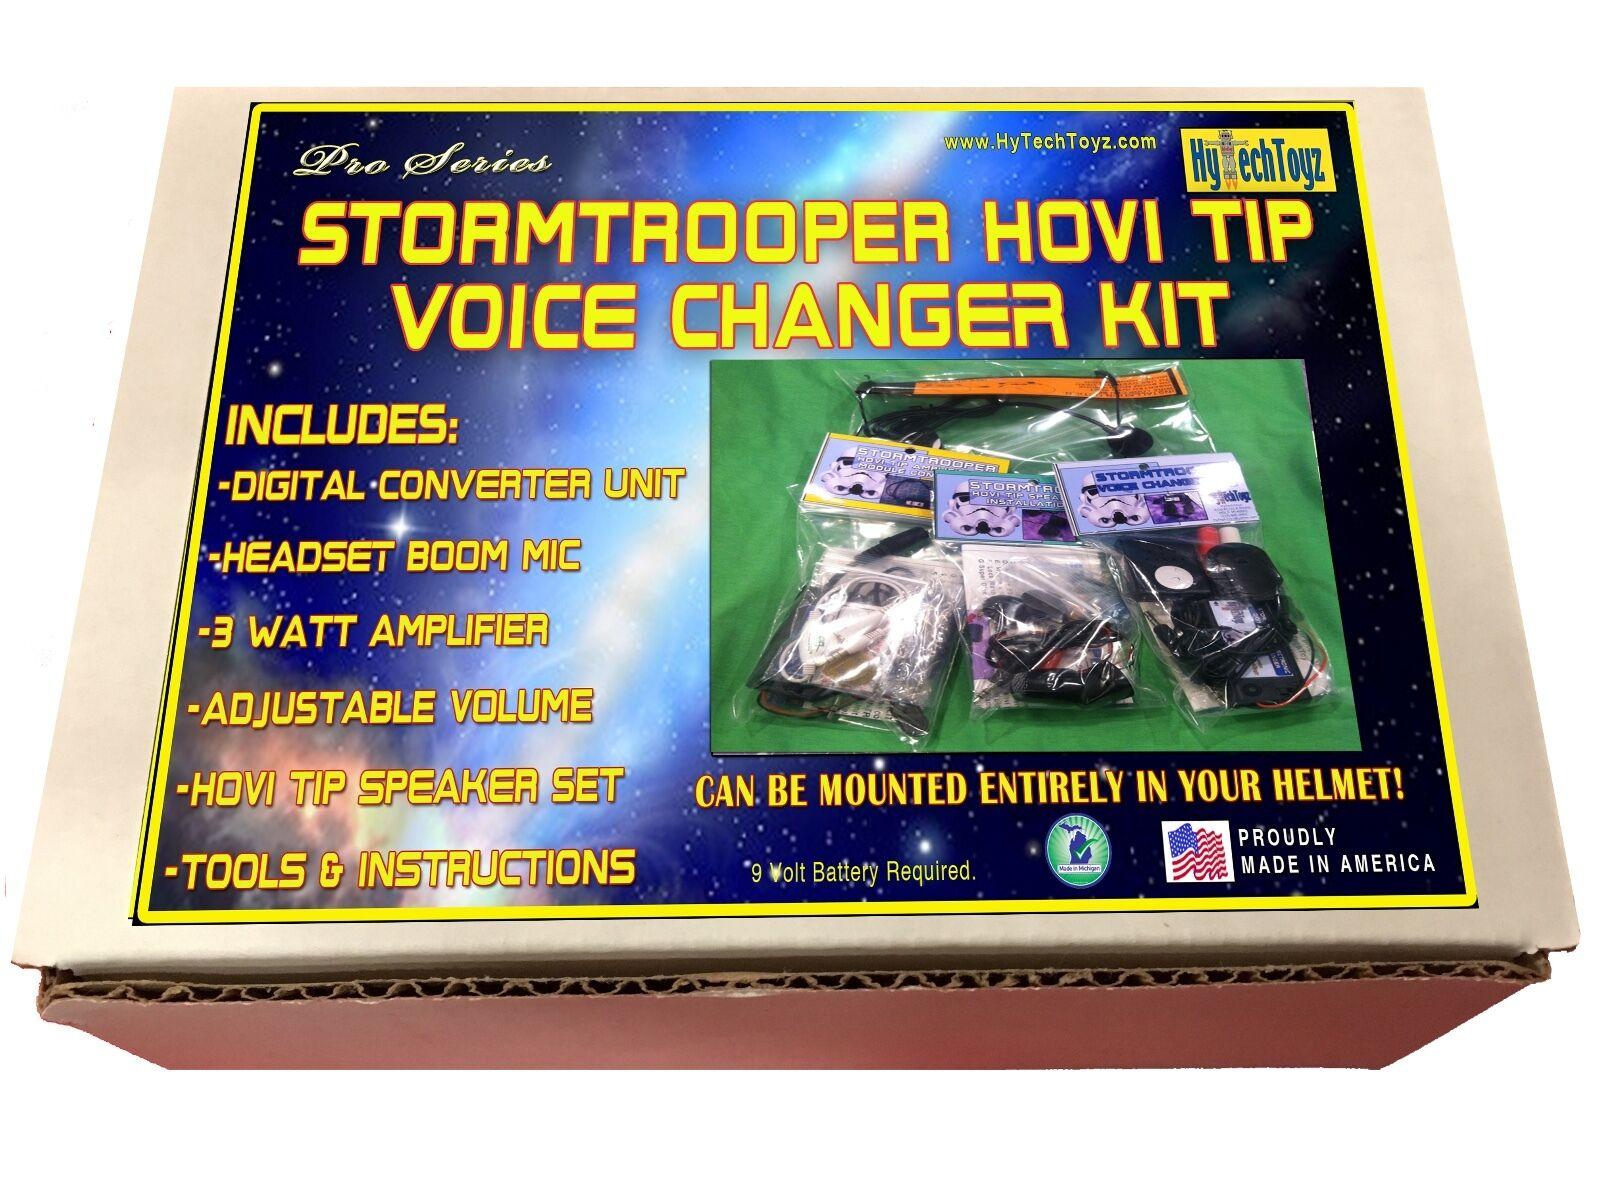 Stormtrooper Casco Voice Changer Serie pro Hovi Punta Altoparlanti Amplificatore